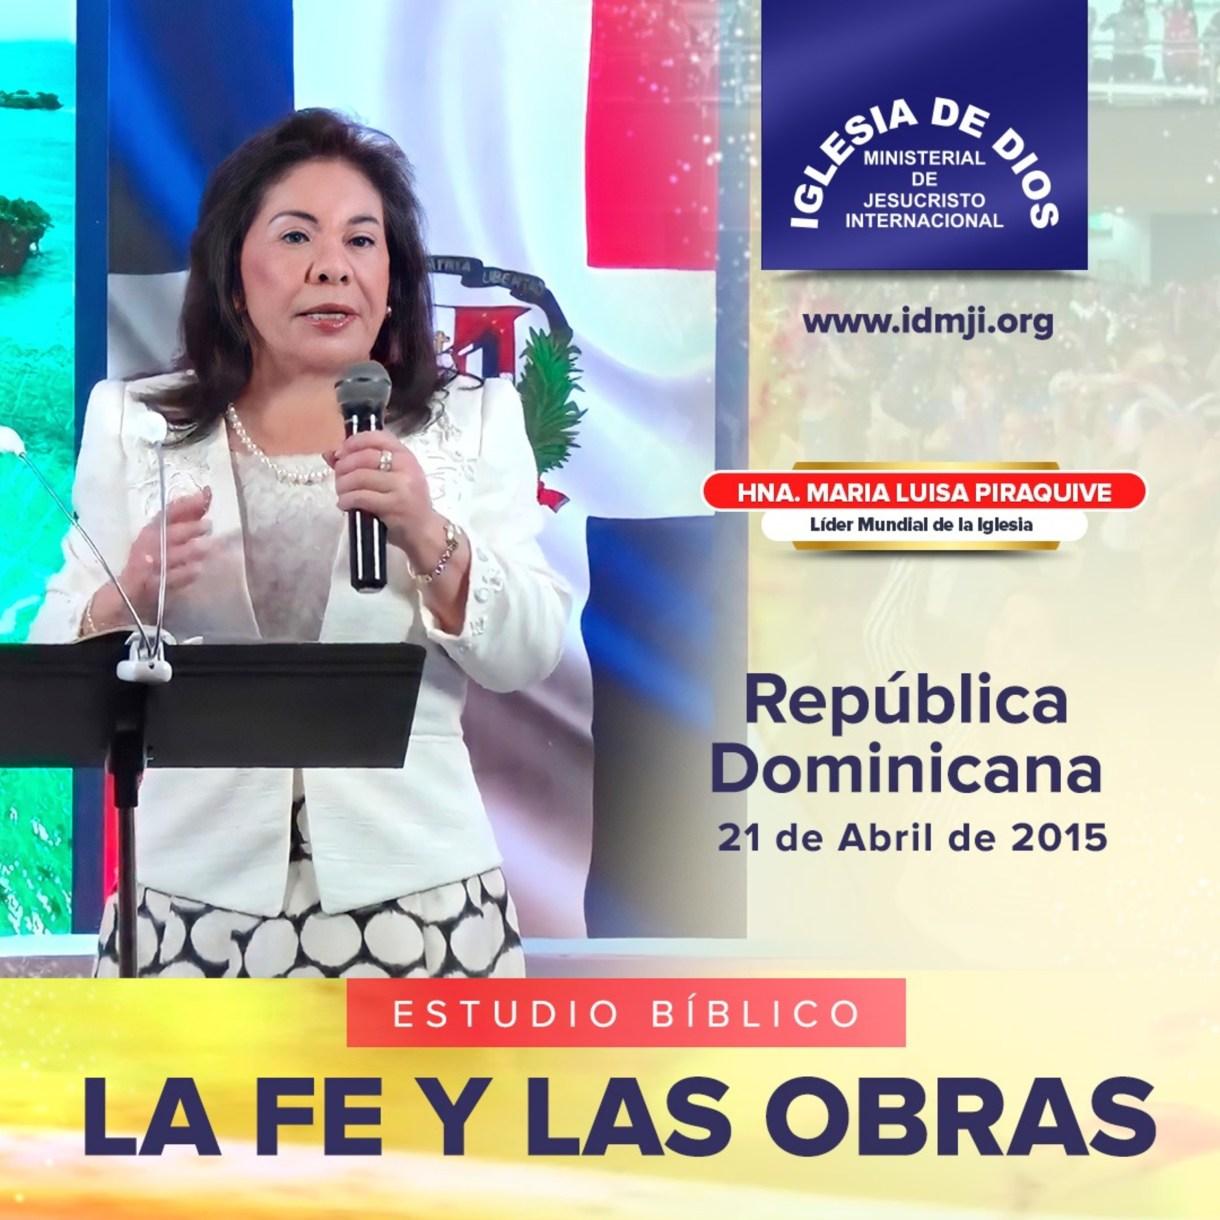 Estudio Bíblico: La fe y las obras, República Dominicana, 21 Abril 2015, Hna. María Luisa Piraquive